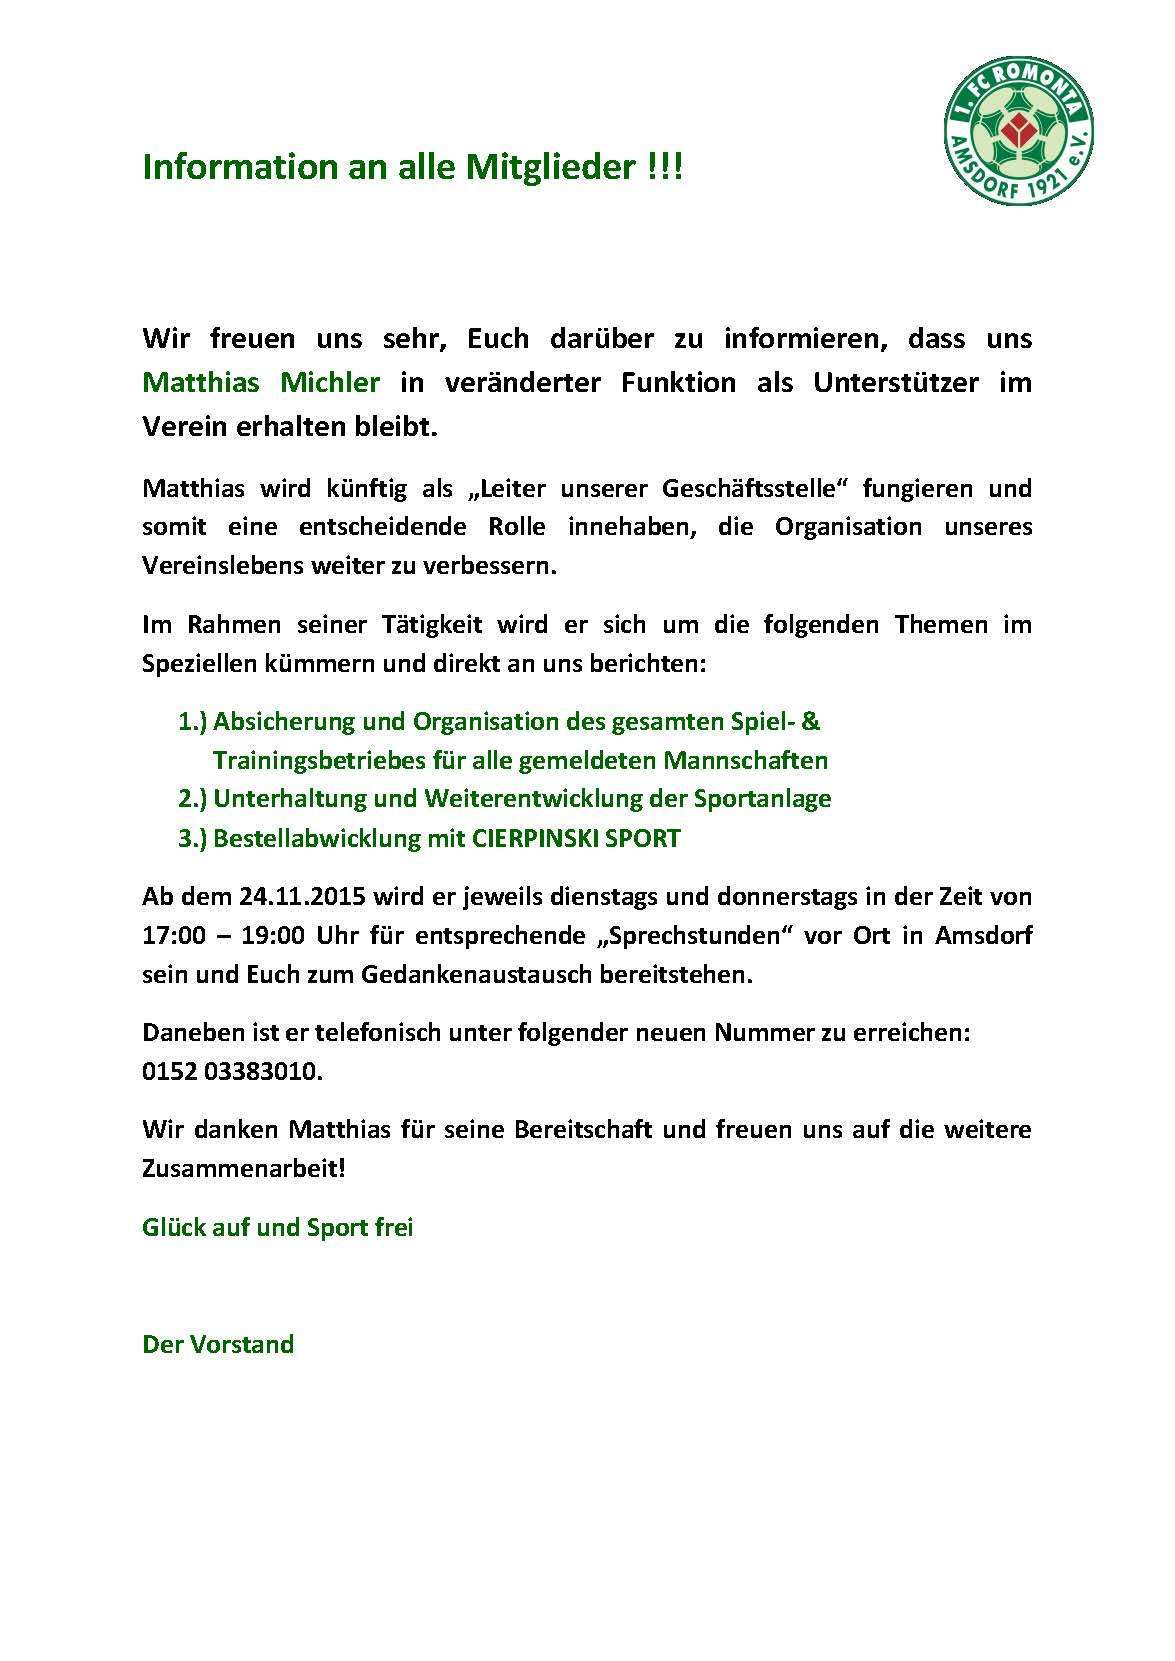 Information an alle Mitglieder in Sachen M Michler